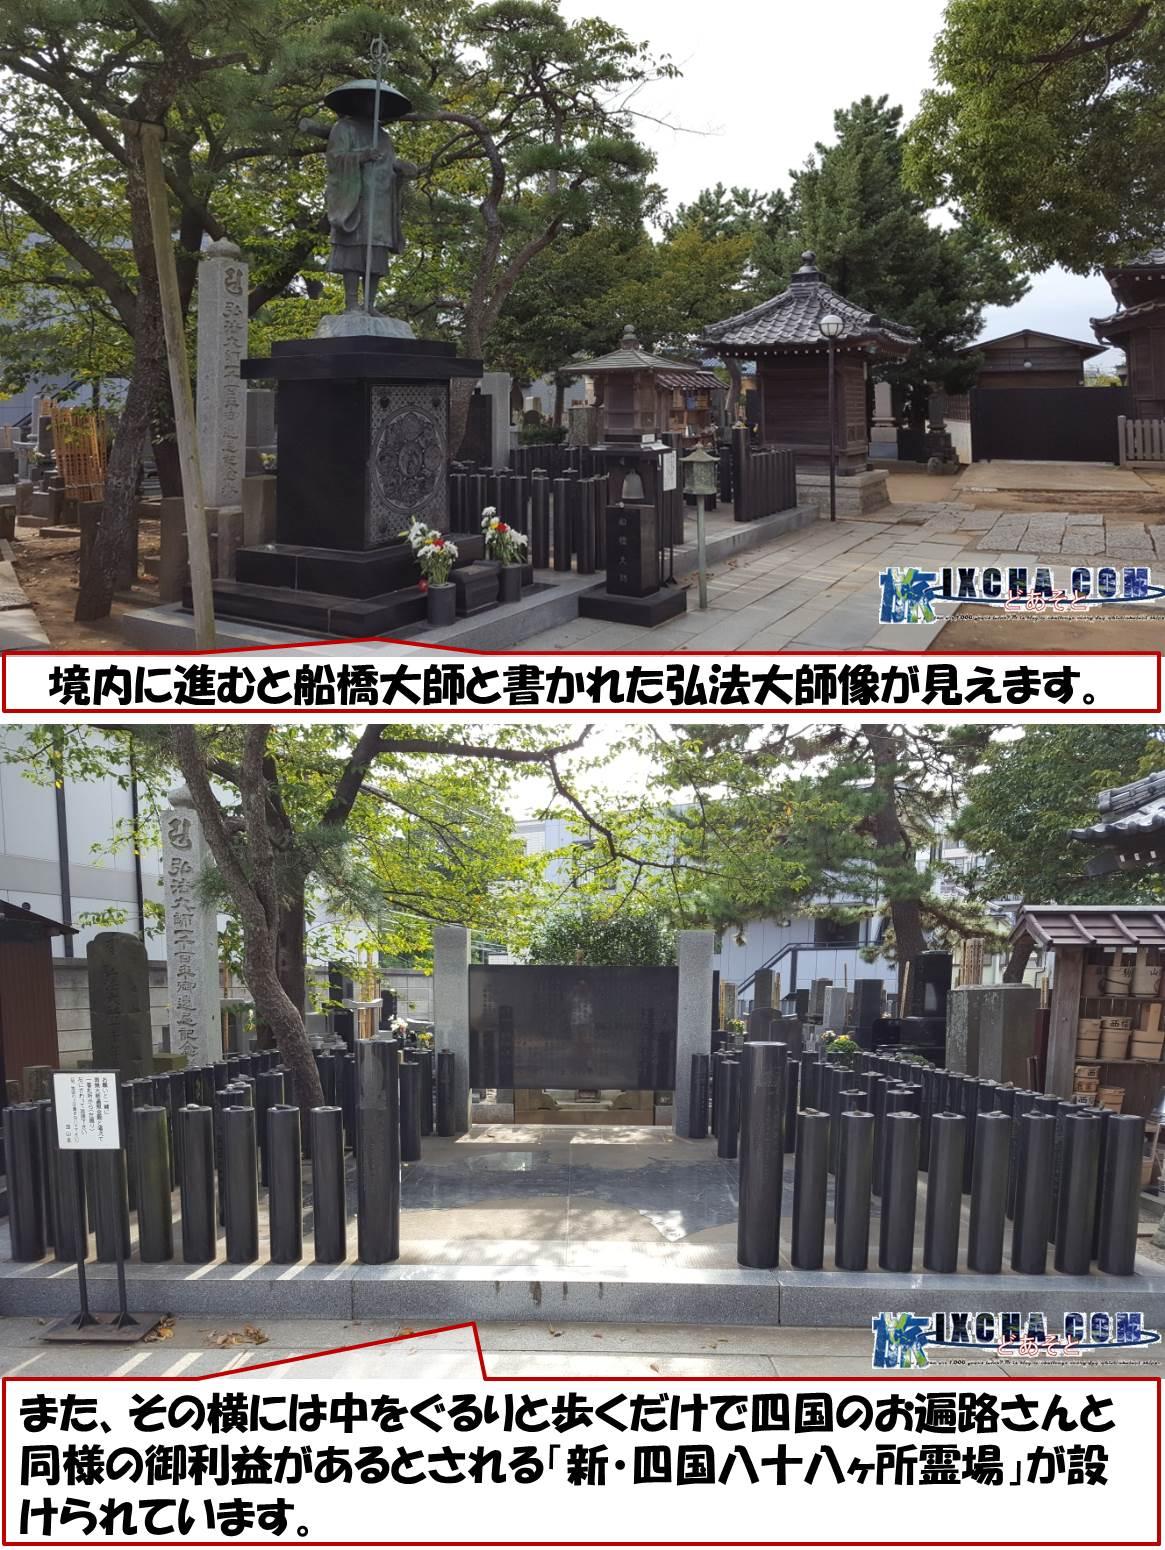 境内に進むと船橋大師と書かれた弘法大師像が見えます。 また、その横には中をぐるりと歩くだけで四国のお遍路さんと同様の御利益があるとされる「新・四国八十八ヶ所霊場」が設けられています。